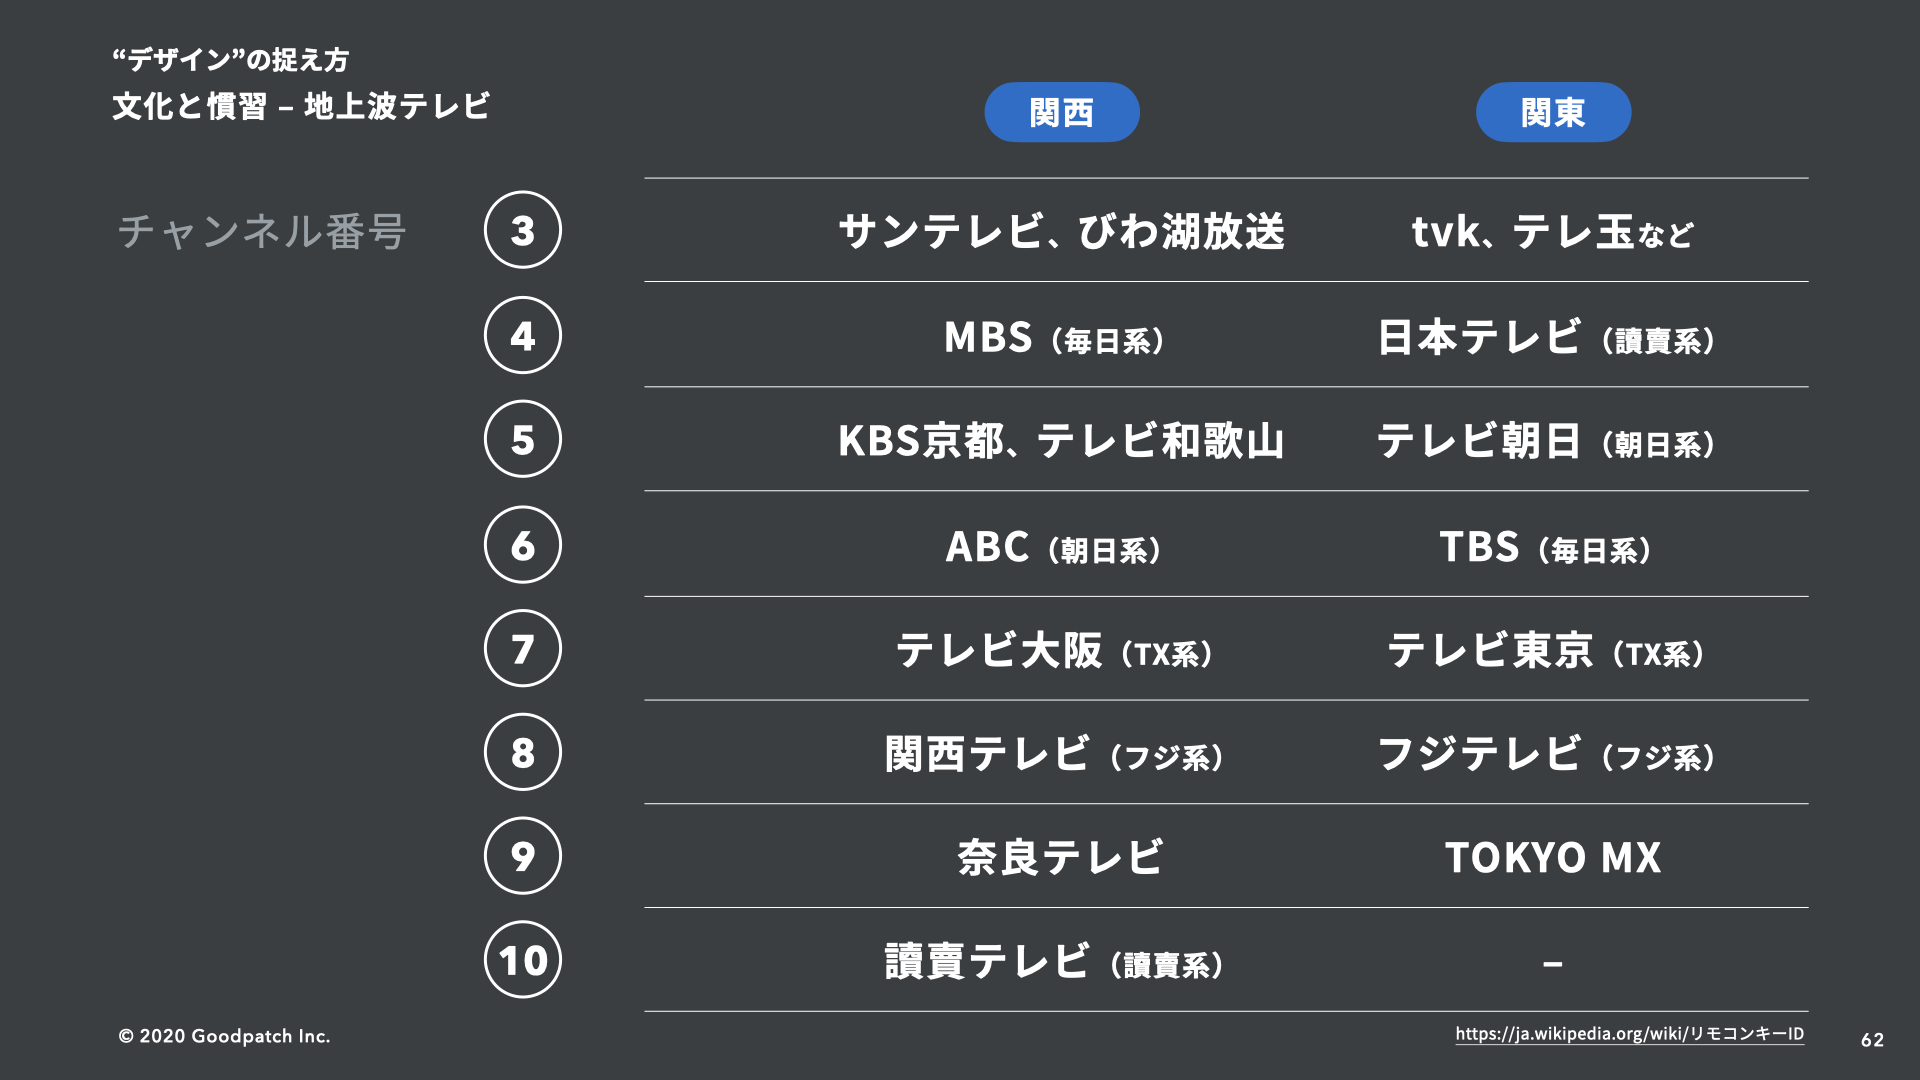 関東と関西 テレビのチャンネル